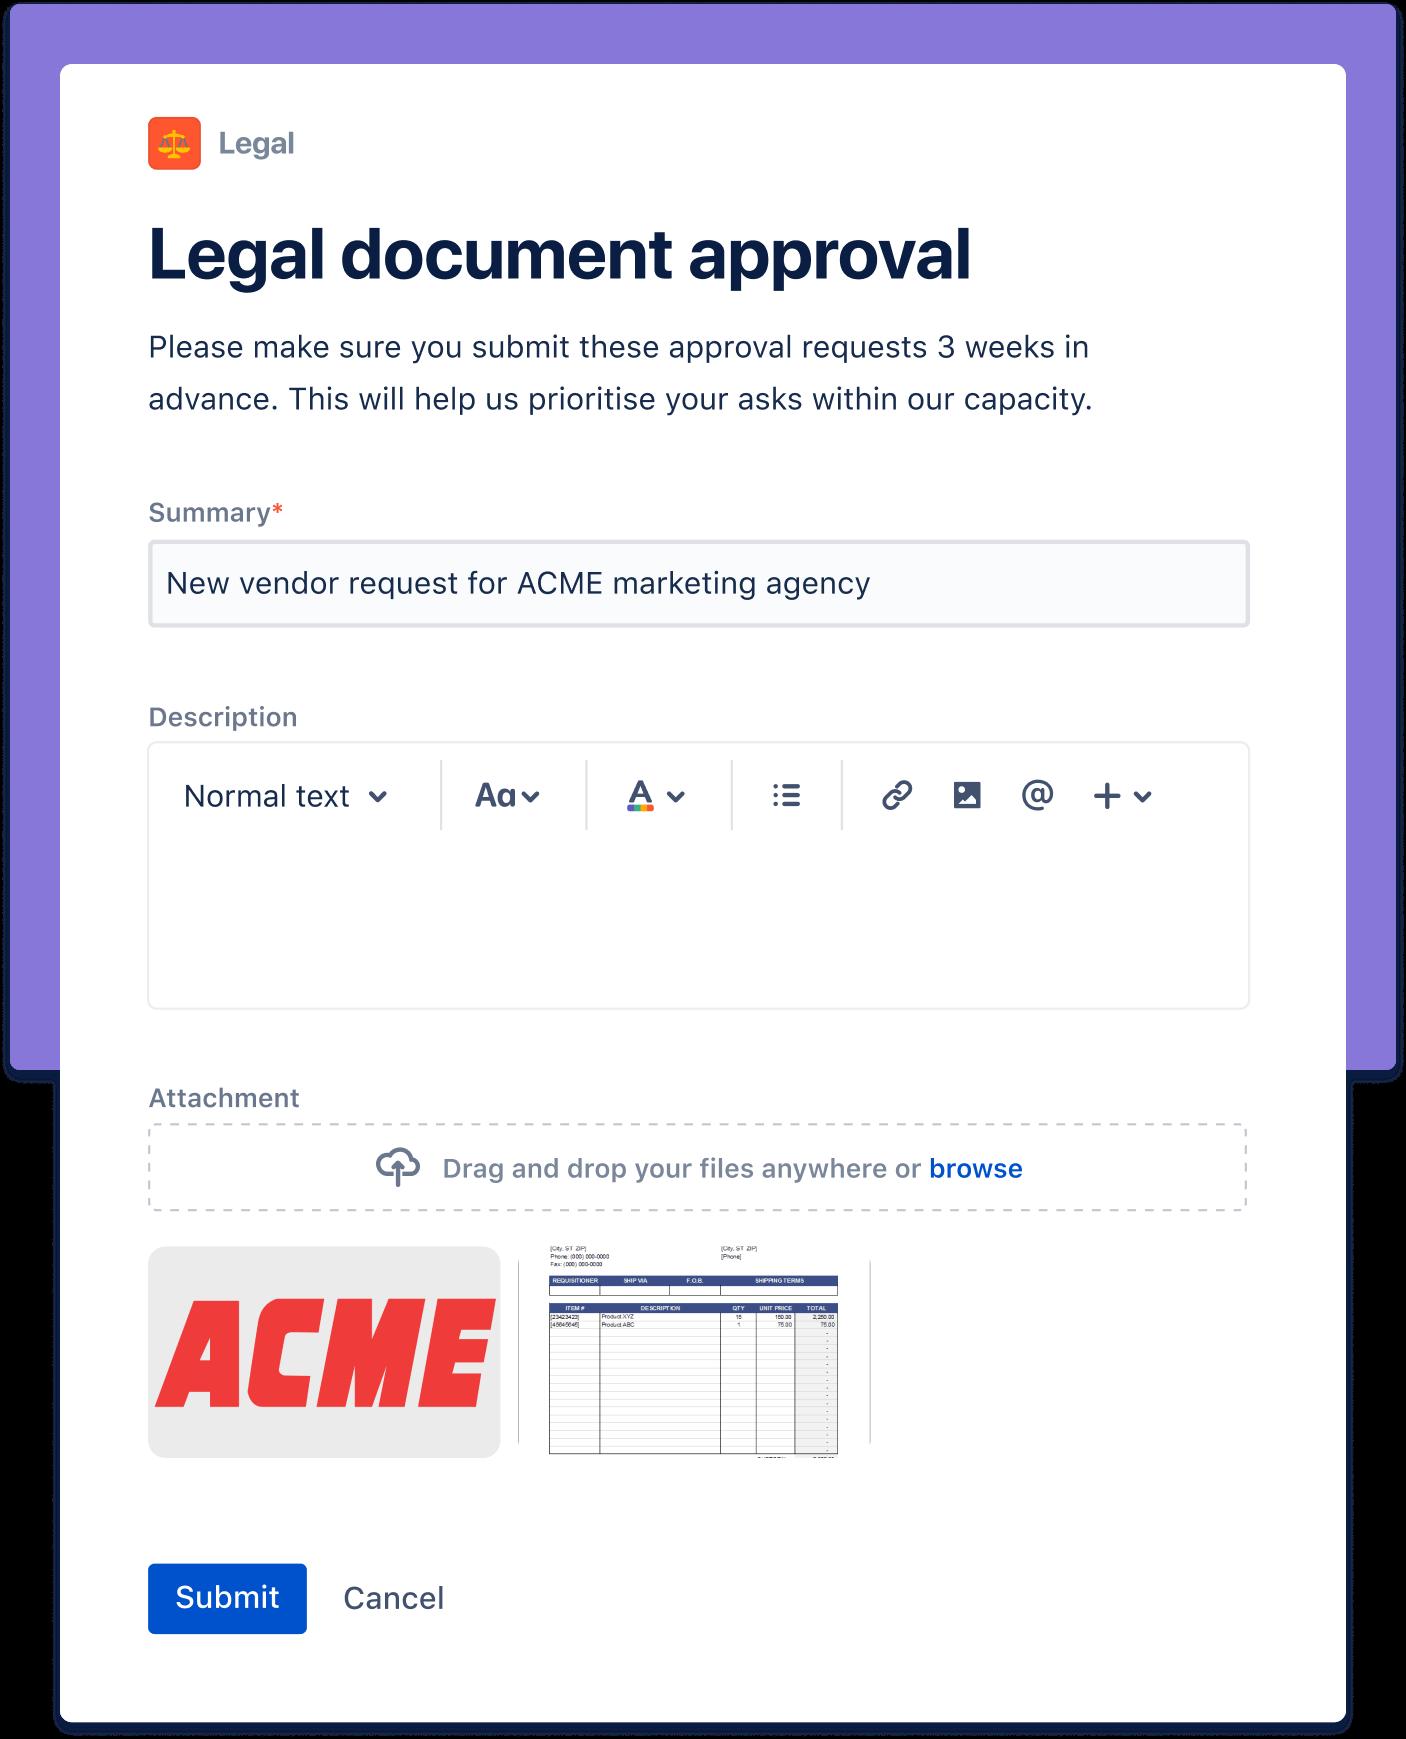 Captura de pantalla de aprobación de un documento jurídico